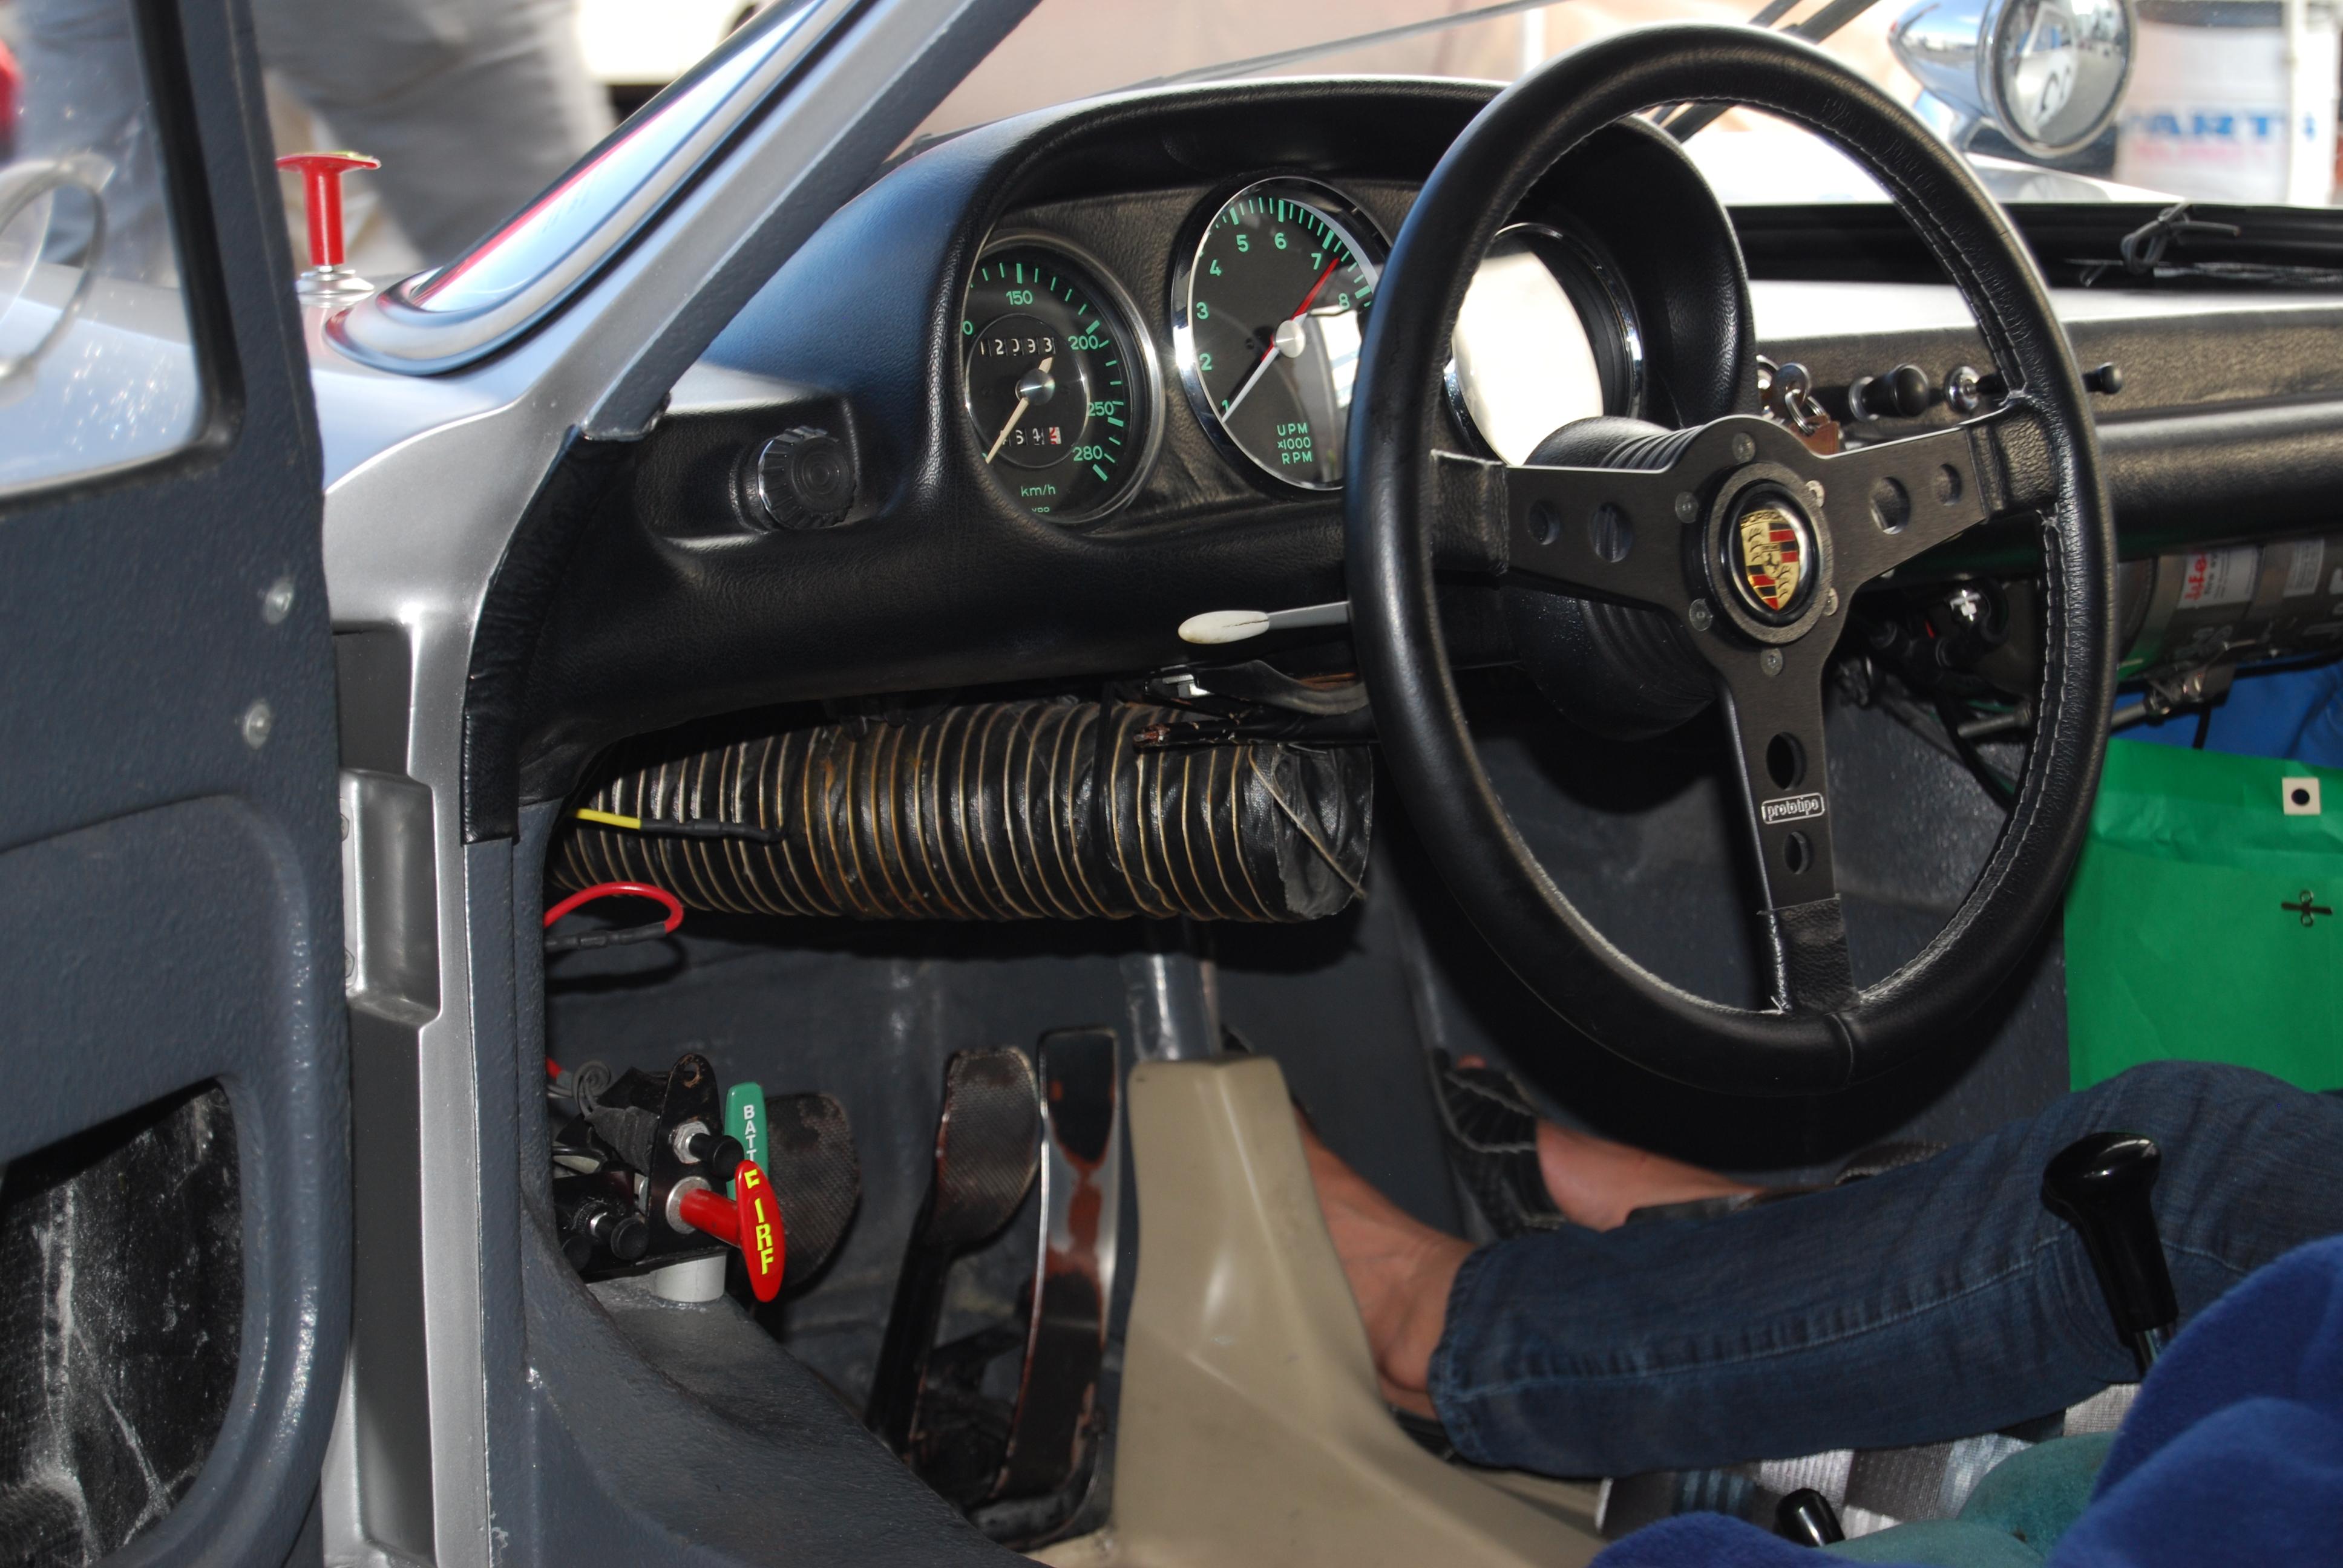 File Flickr Wbaiv Silver Porsche 904 Carrera Gts 33